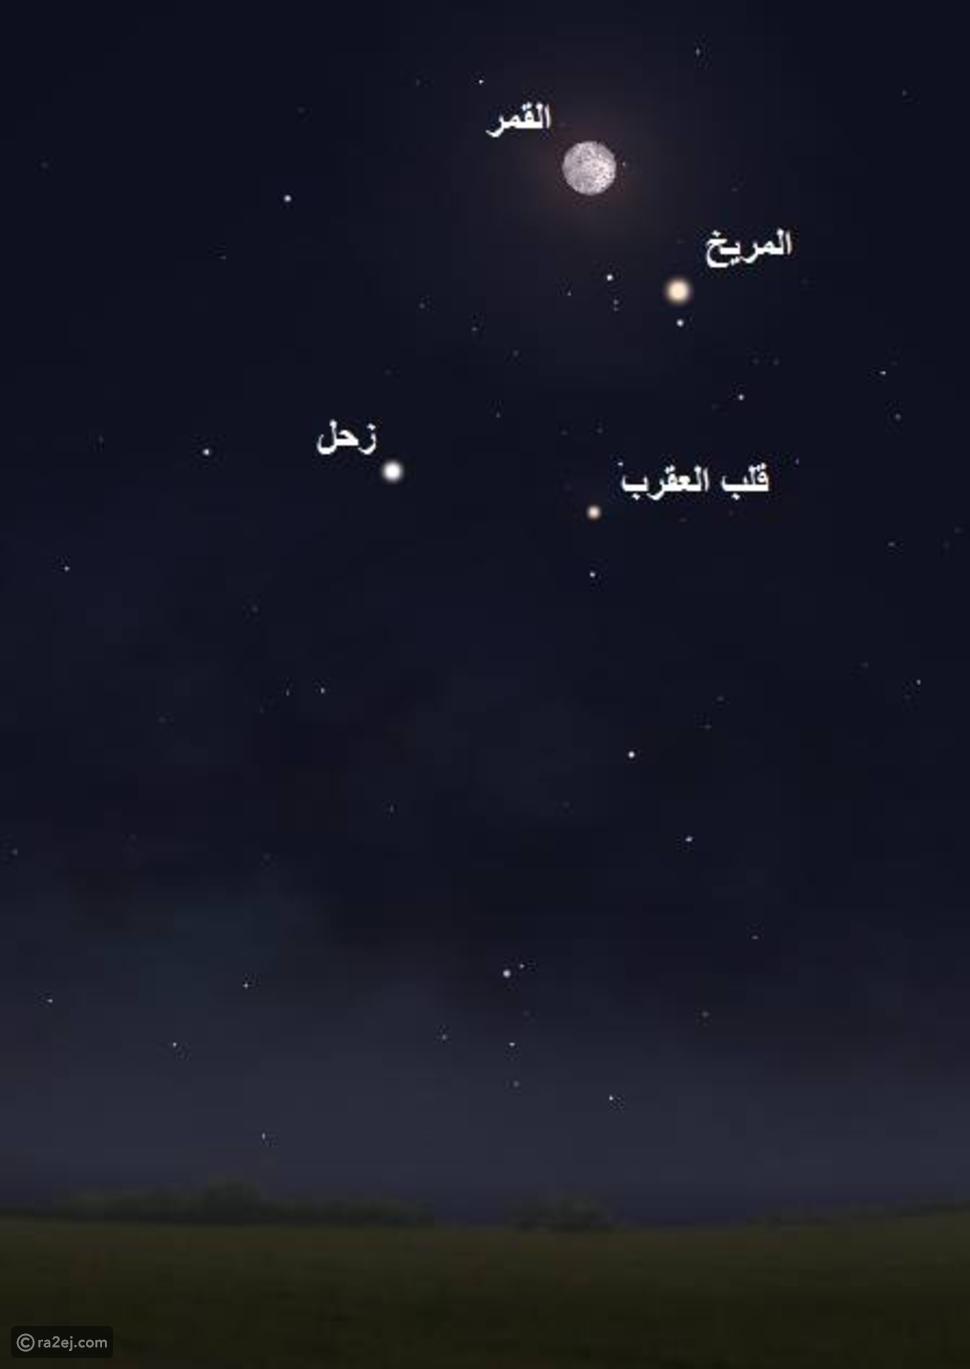 الأرض تشهد ظاهرة التقابل بين المريخ والشمس مساء اليوم.. يمكنك رصدها بهذه الخطوات